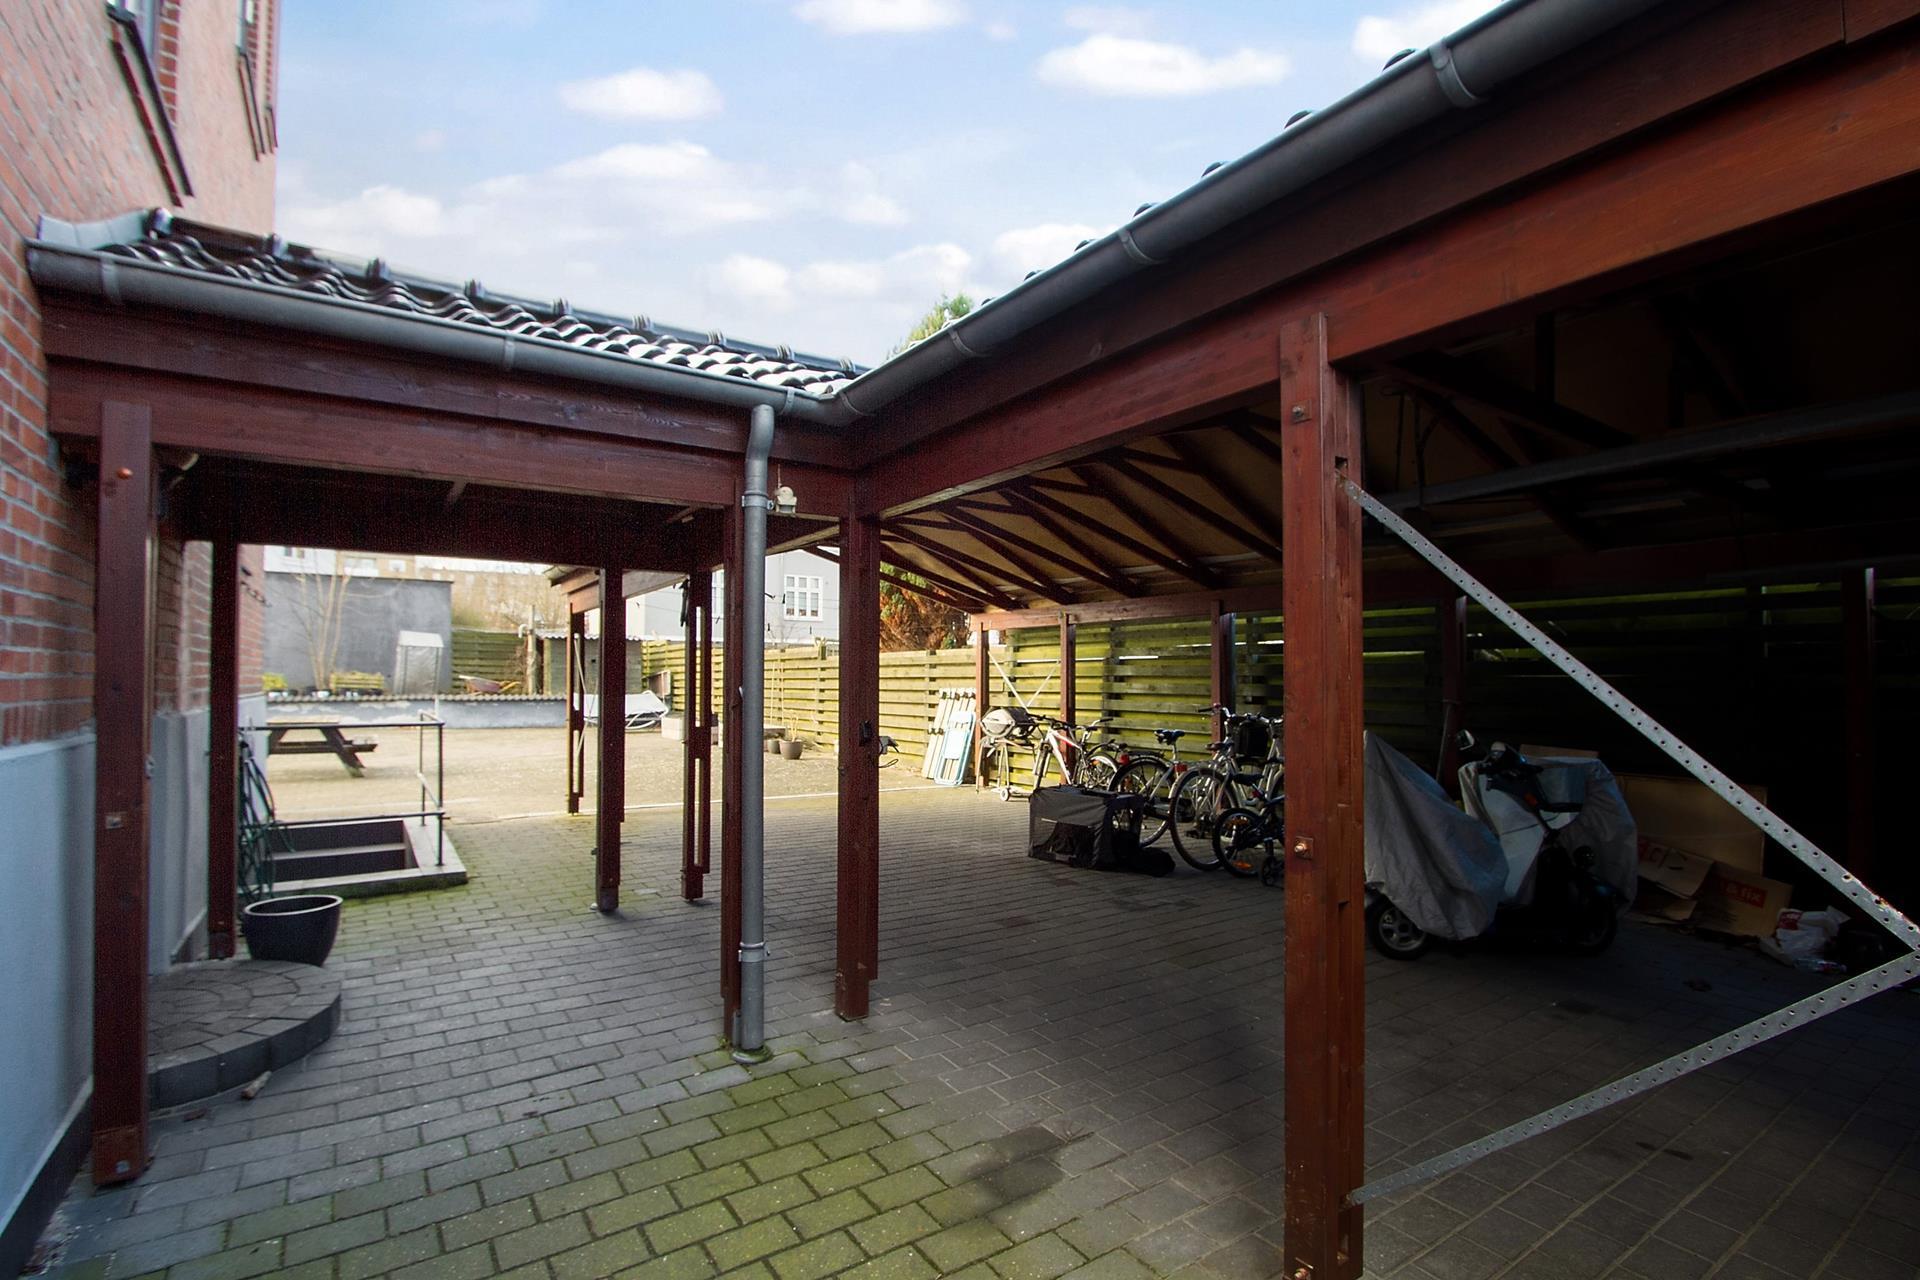 Bolig/erhverv på Tyge Brahes Vej i Aalborg - Cykelskur